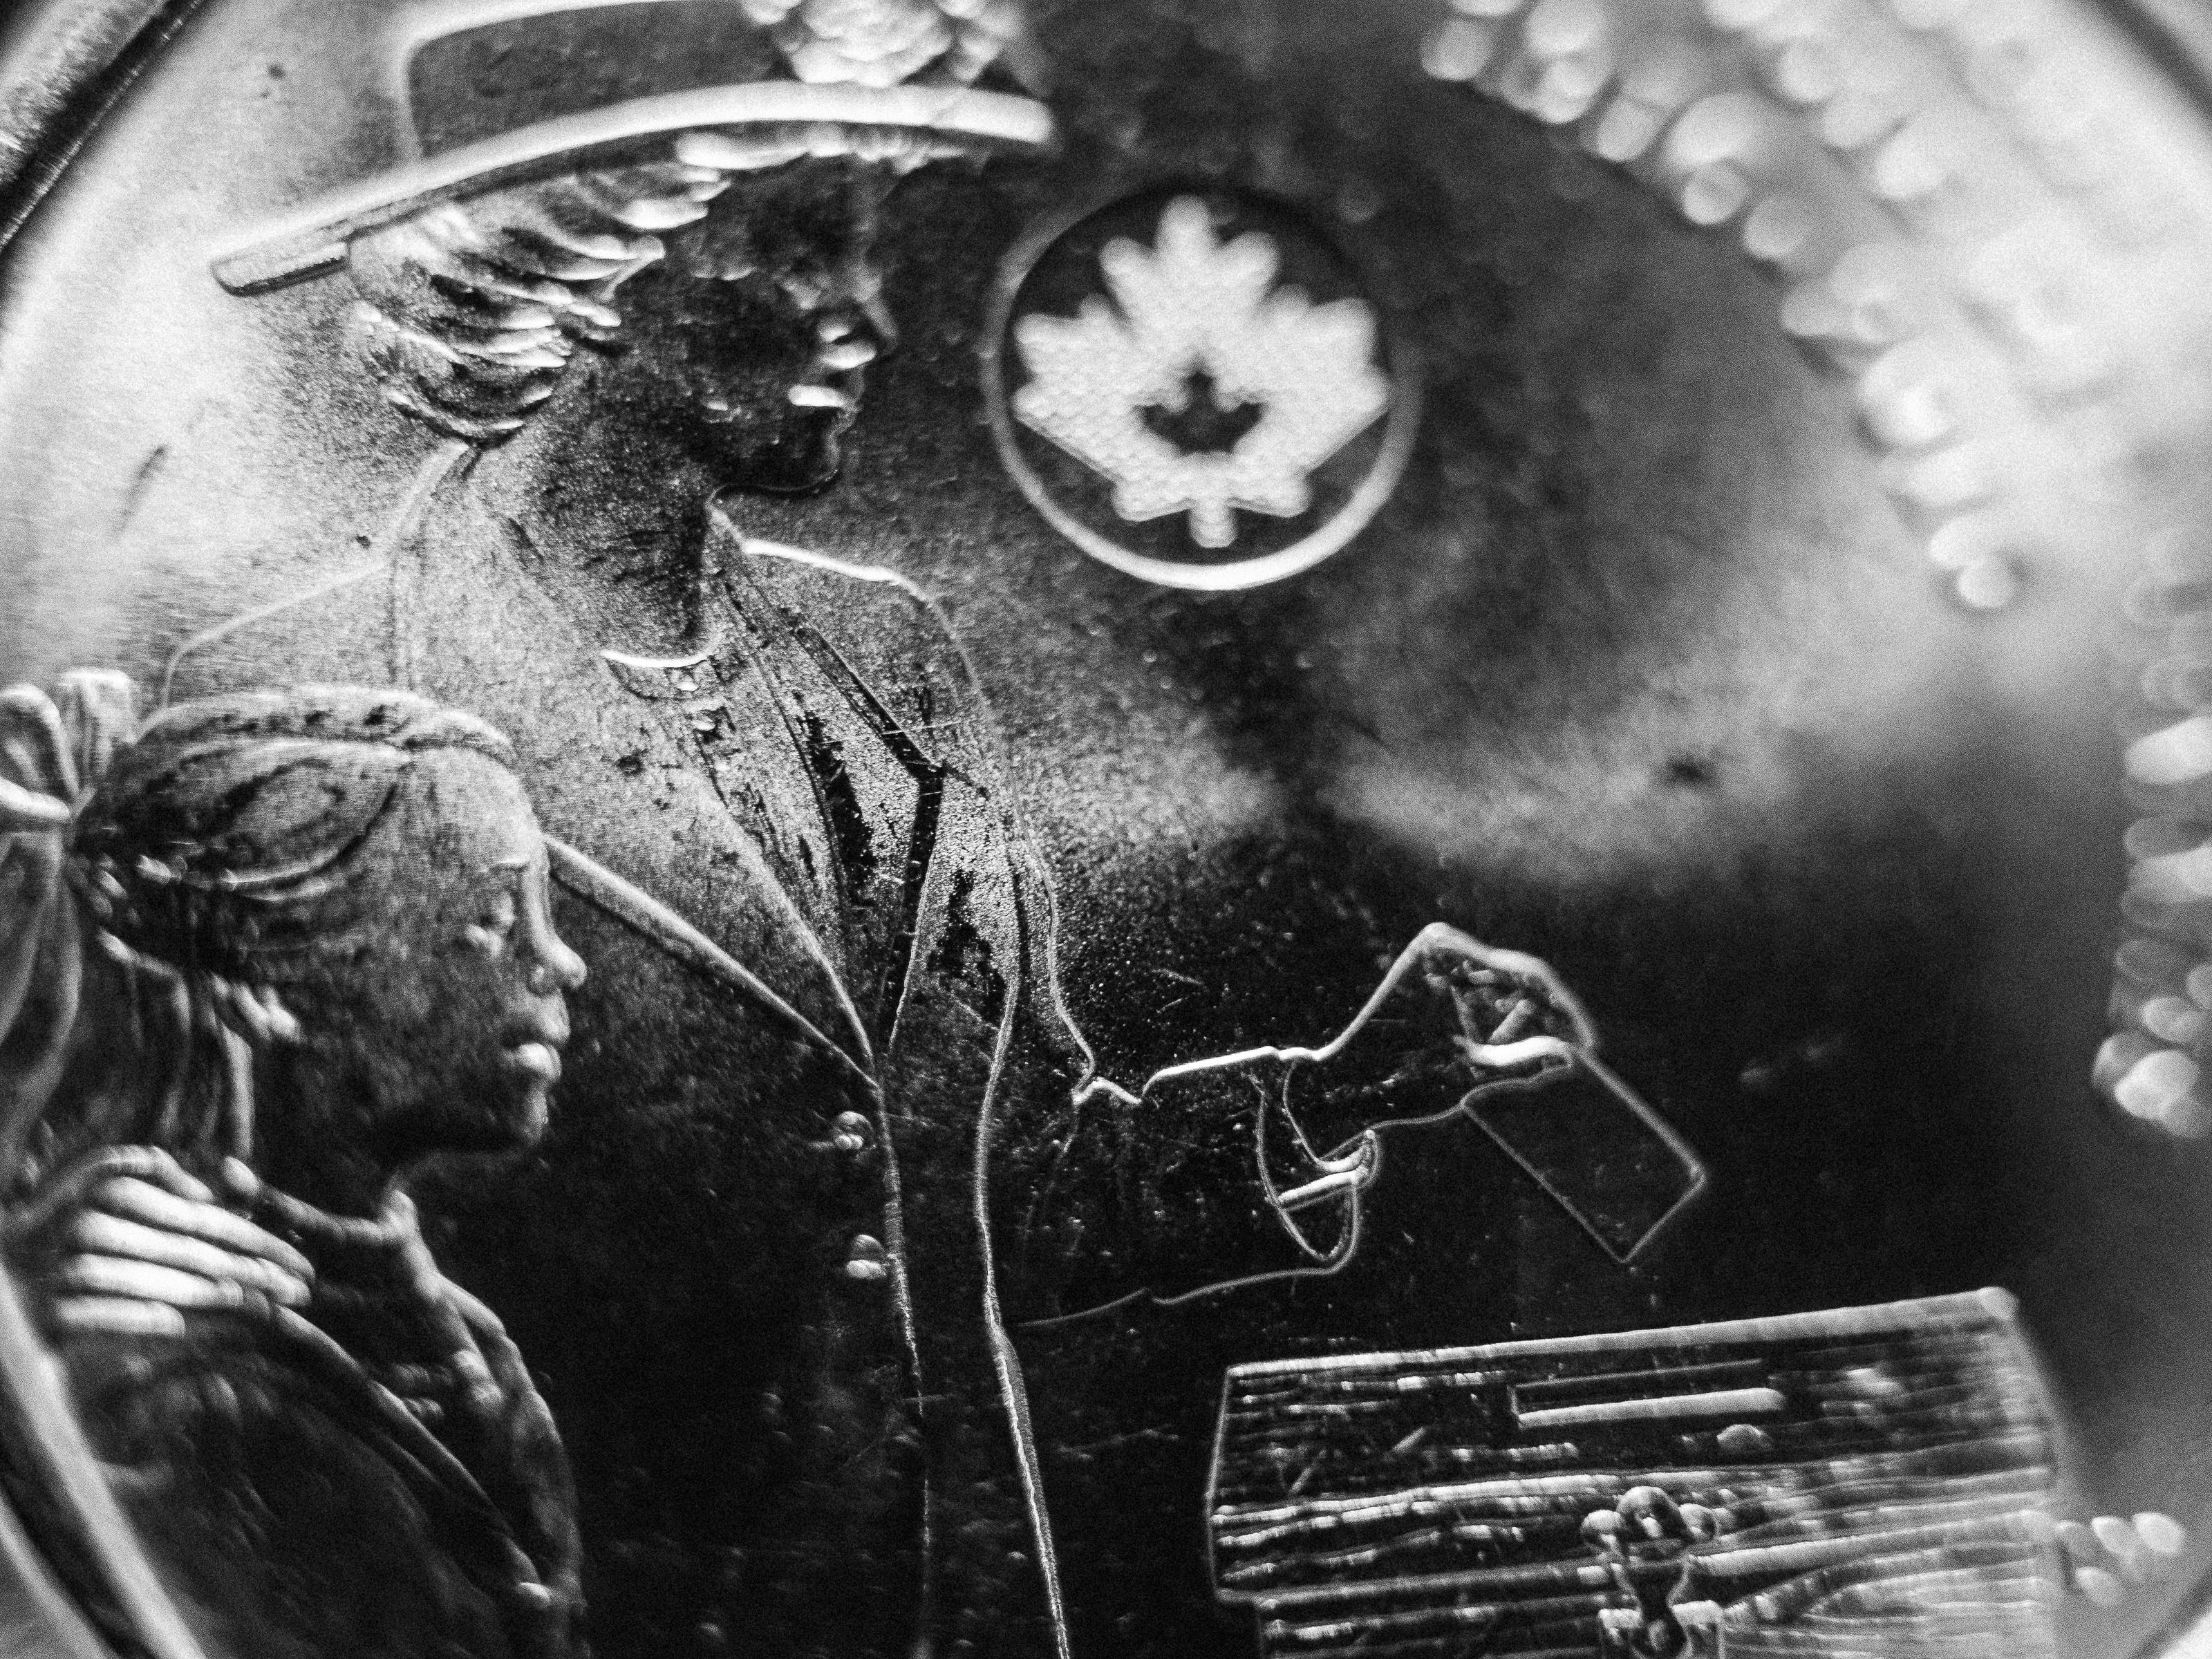 Célèbre Images Gratuites : noir et blanc, Monochrome, menthe, esquisser  WU36